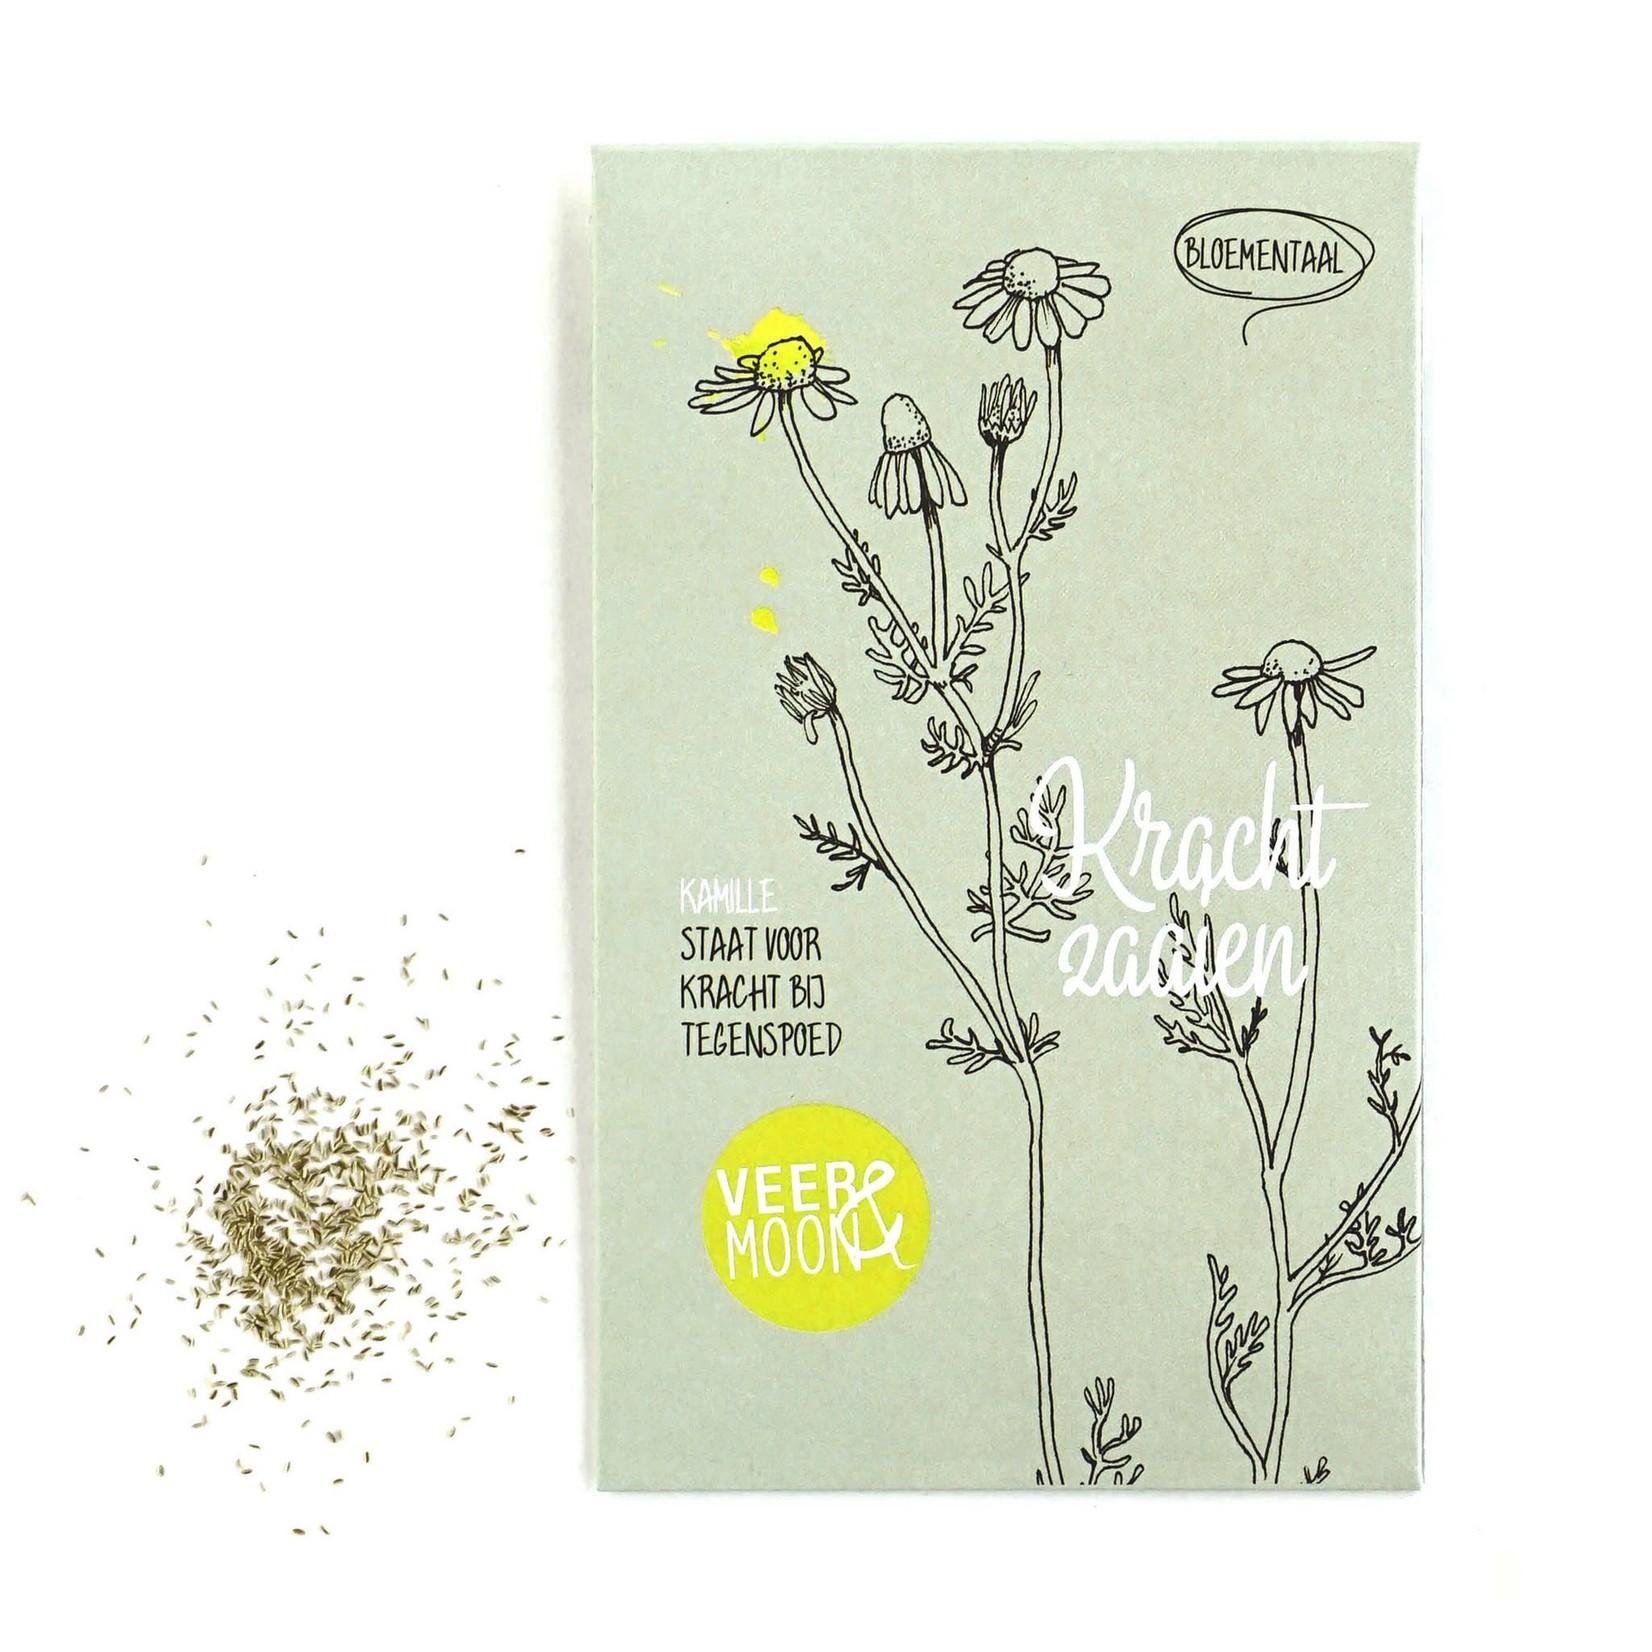 Veer&Moon Bloemenzaden 'Kracht zaaien'